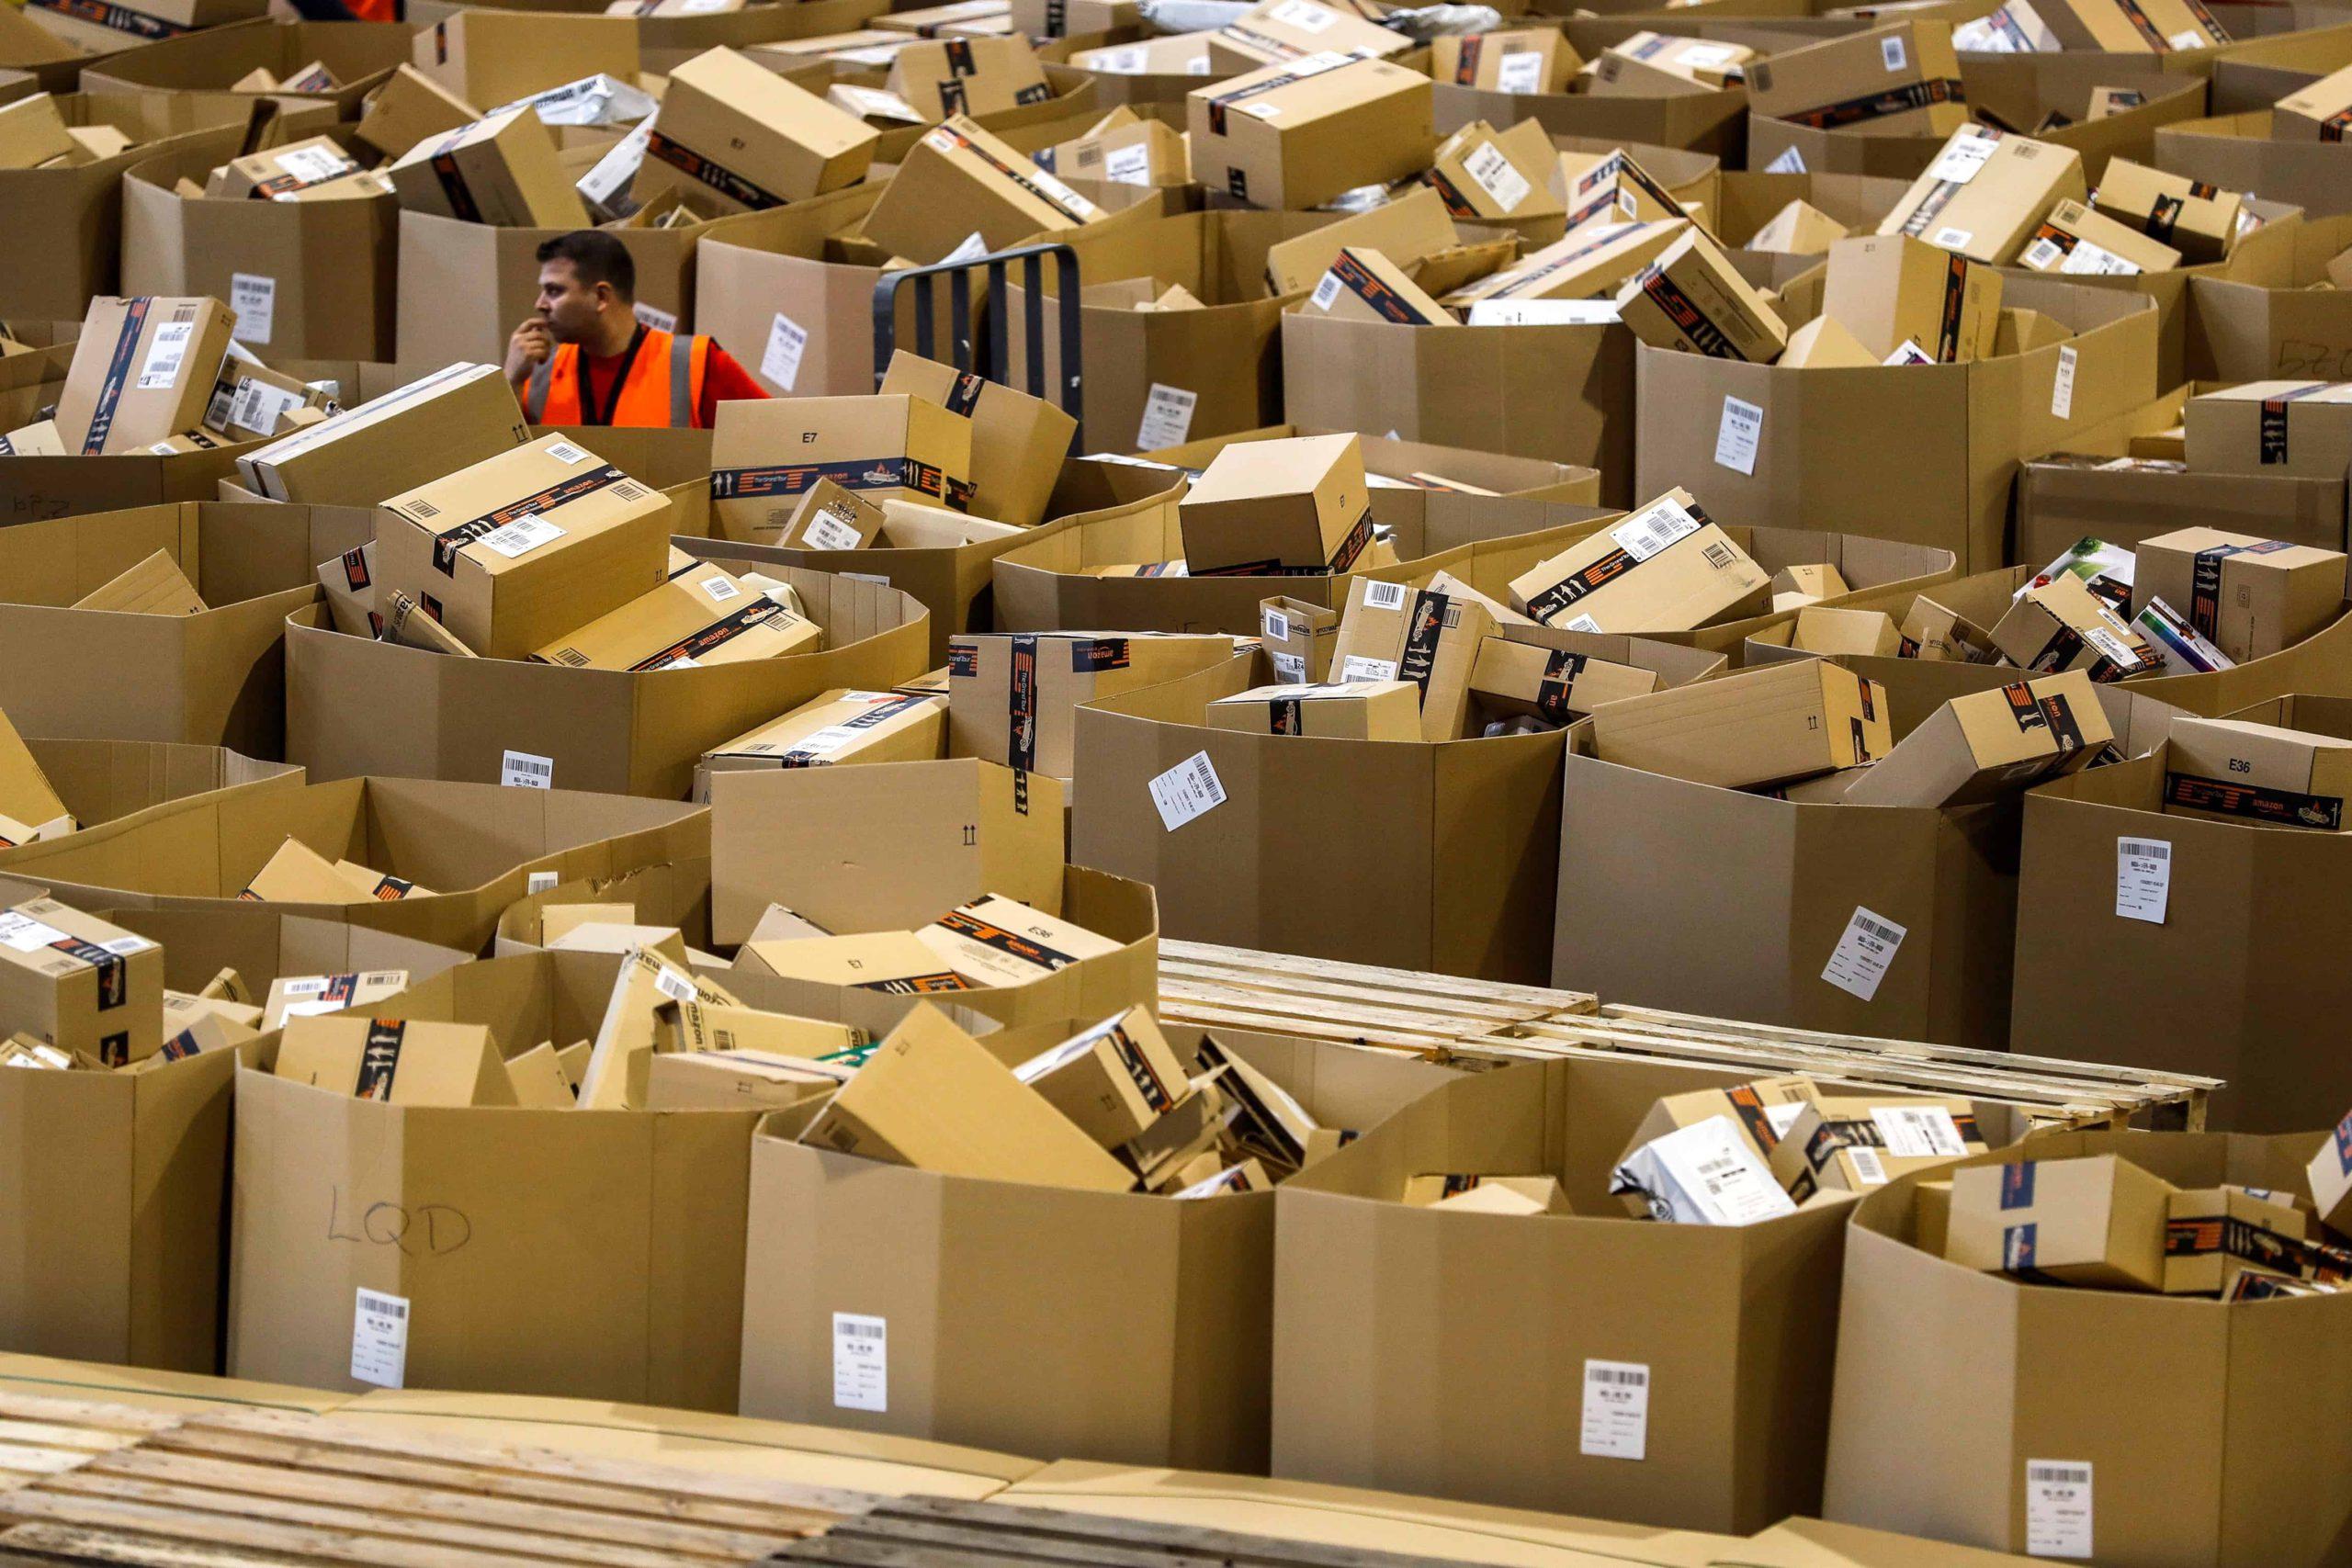 Un employé s'affaire au milieu de cartons dans un centre de traitement de commandes d'Amazon